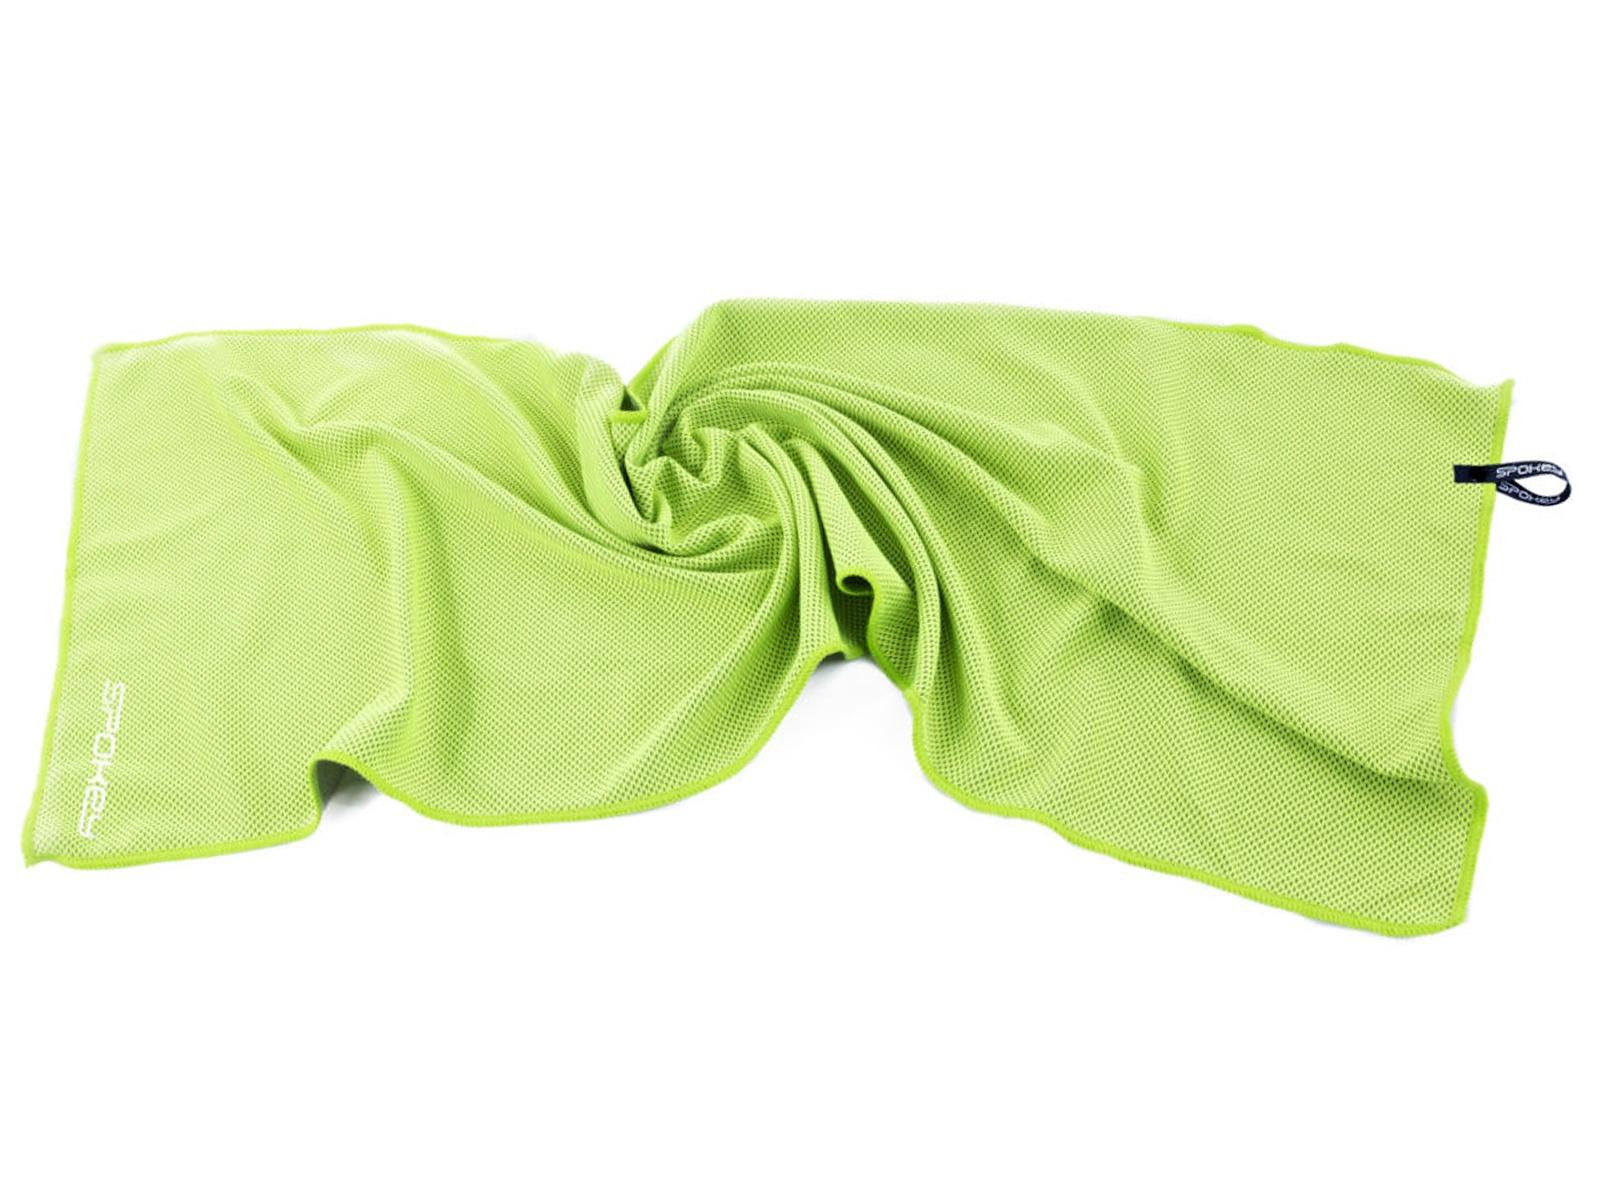 Rychleschnoucí ručník SPOKEY Cosmo 31 x 84 cm, zelený